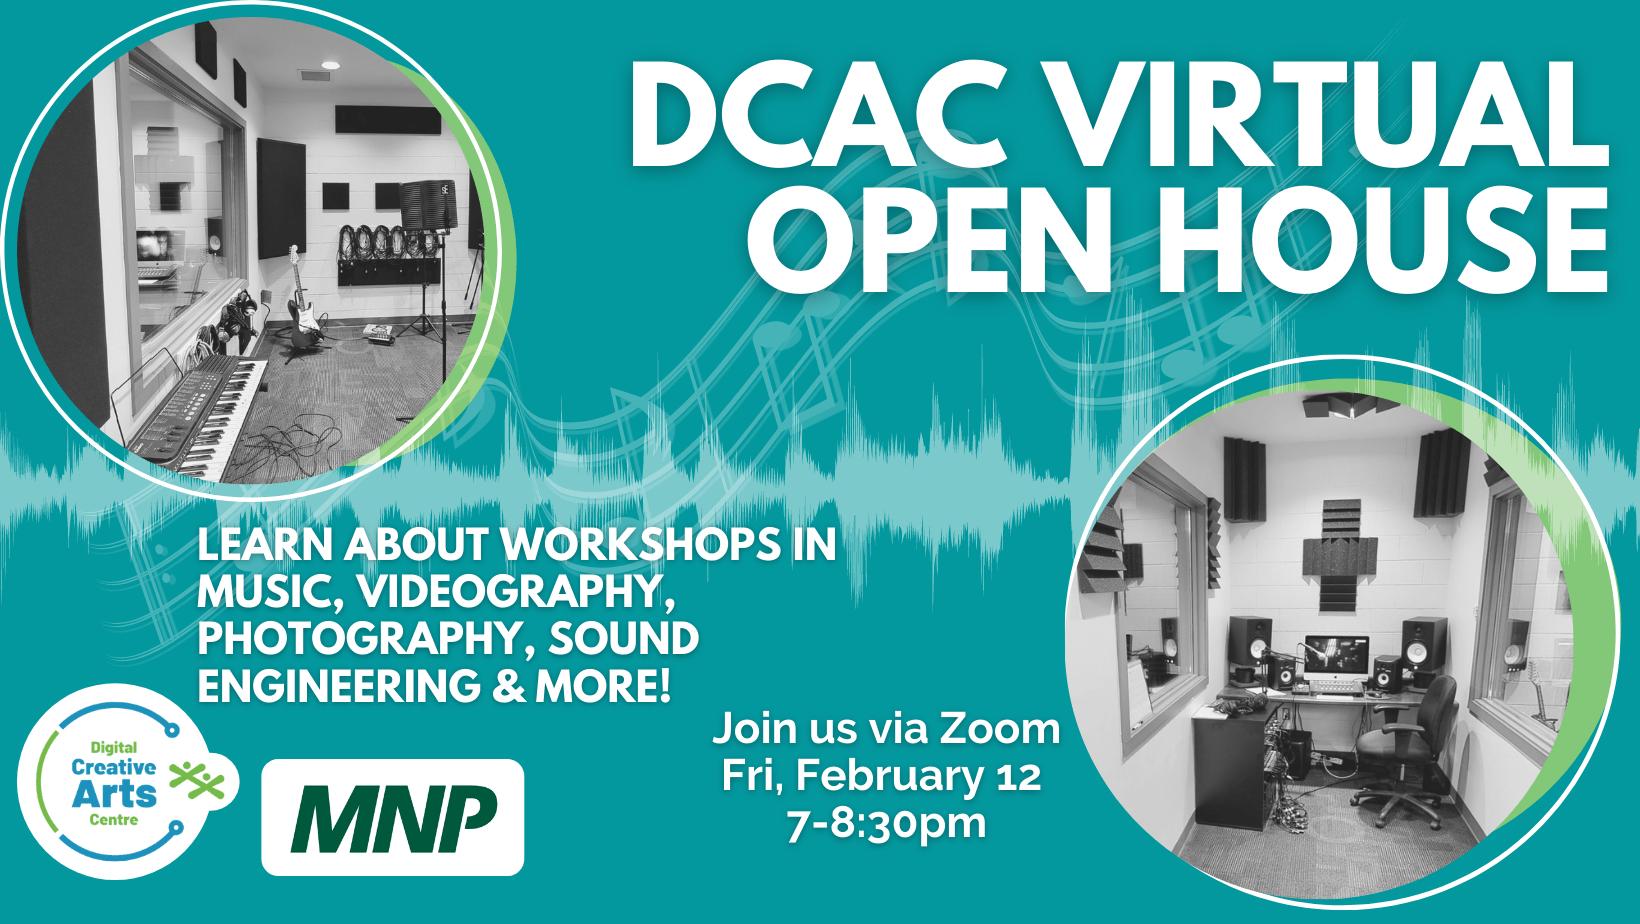 DCAC Virtual Open House